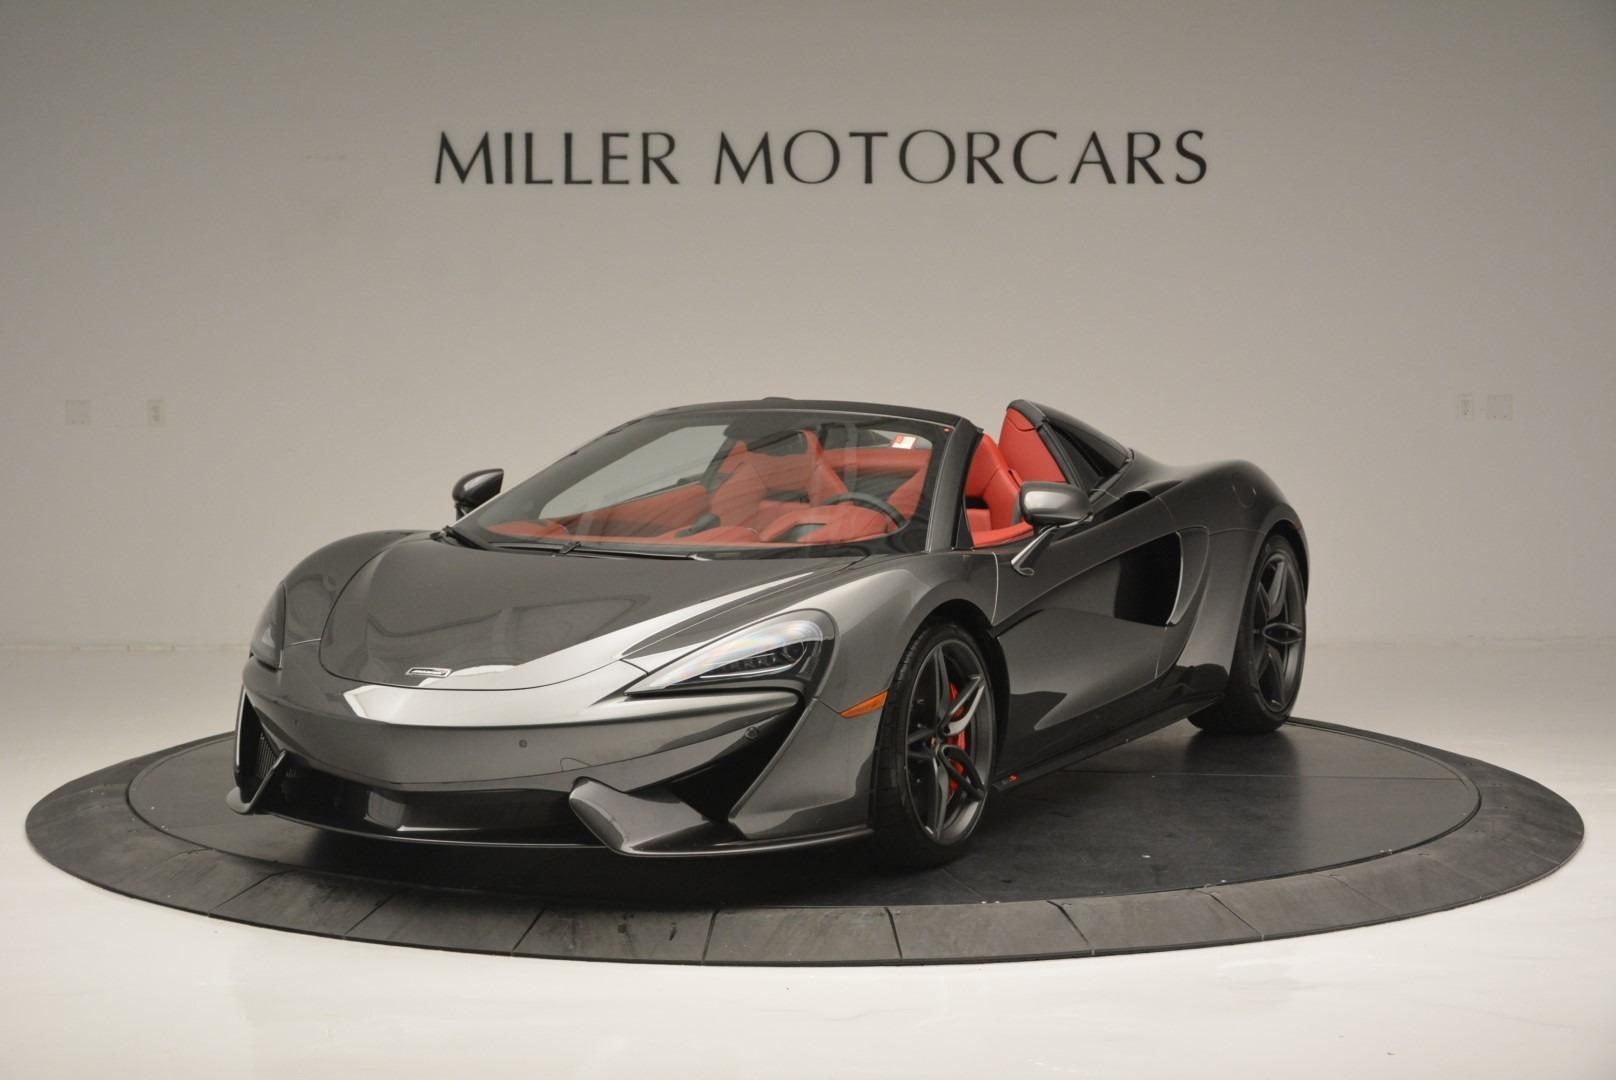 New 2018 McLaren 570S Spider For Sale In Westport, CT 2316_main